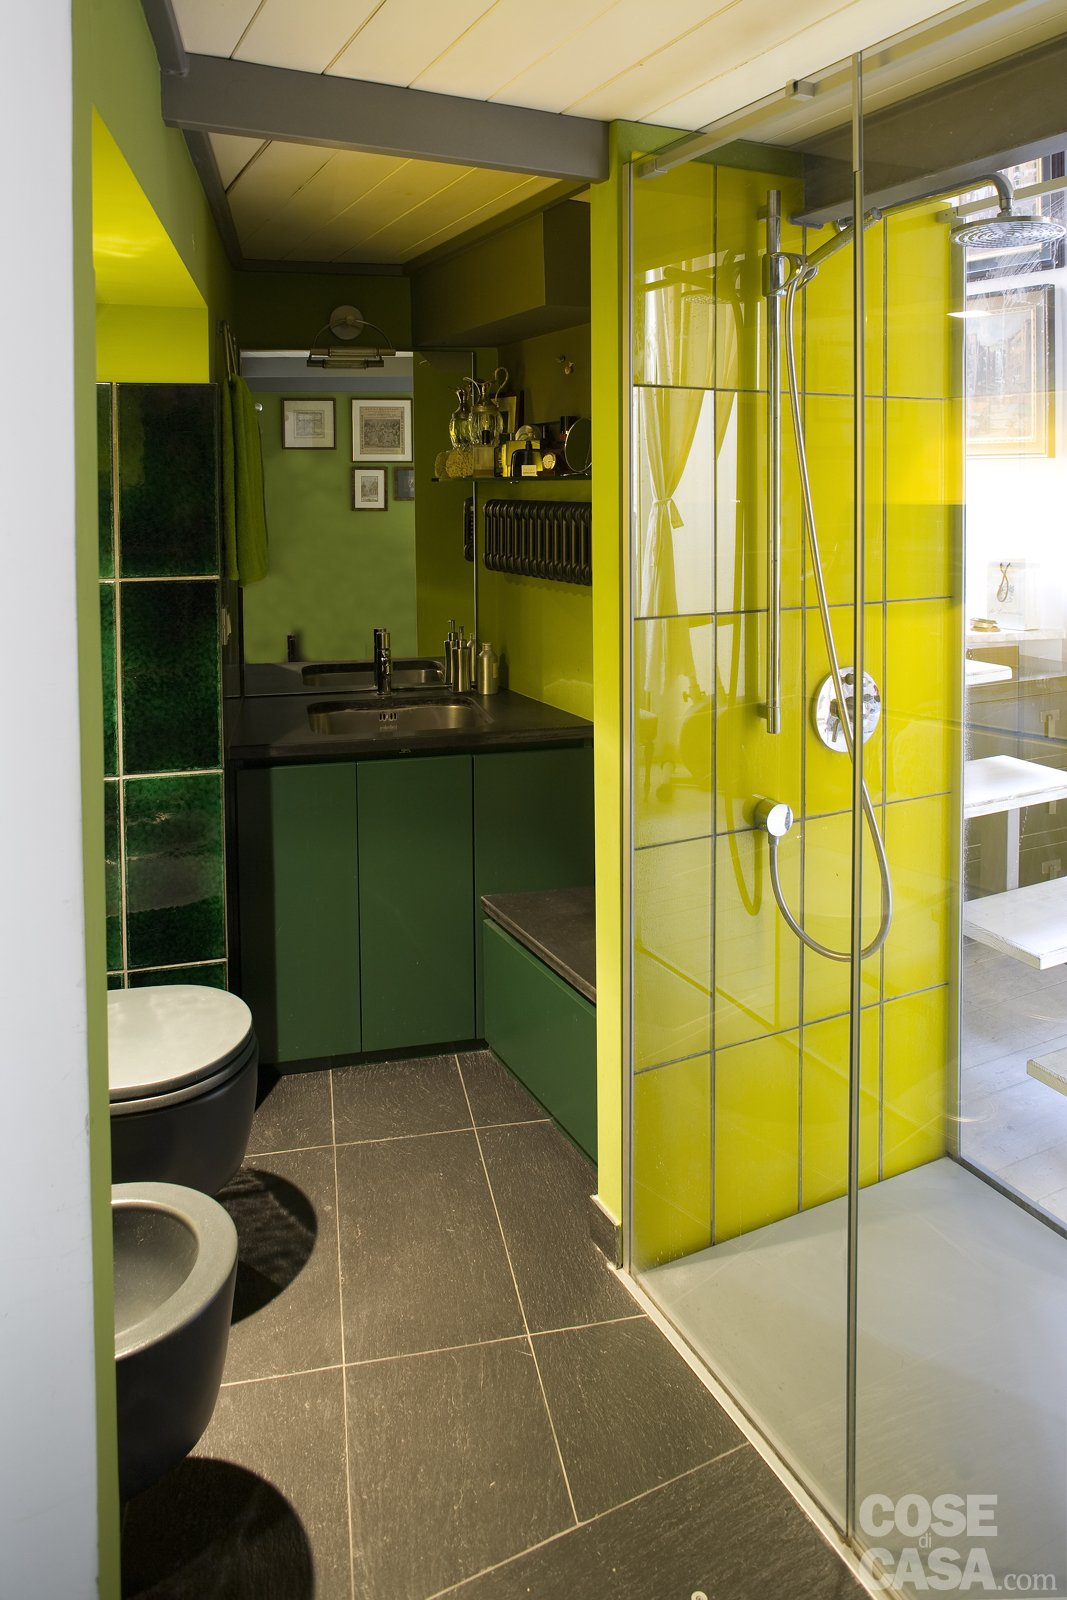 Casa piccola 43 mq soppalco per studio e cabina armadio cose di casa - Camera da letto con cabina armadio e bagno ...